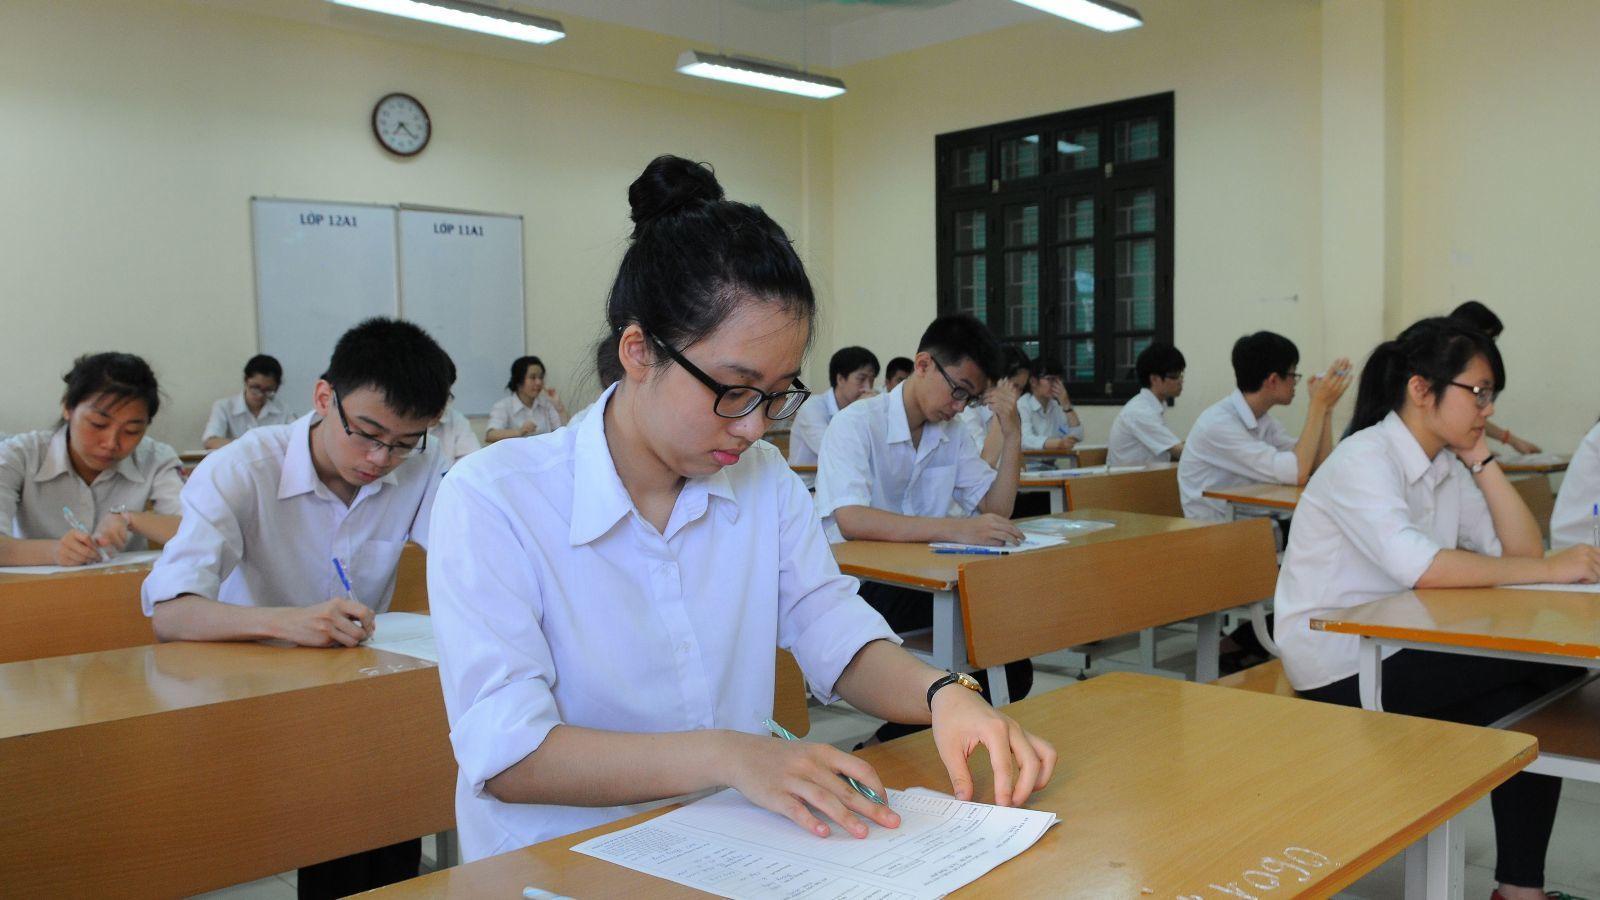 Ôn luyện phần lượng giác để đi thi đại học như thế nào cho hiệu quả?